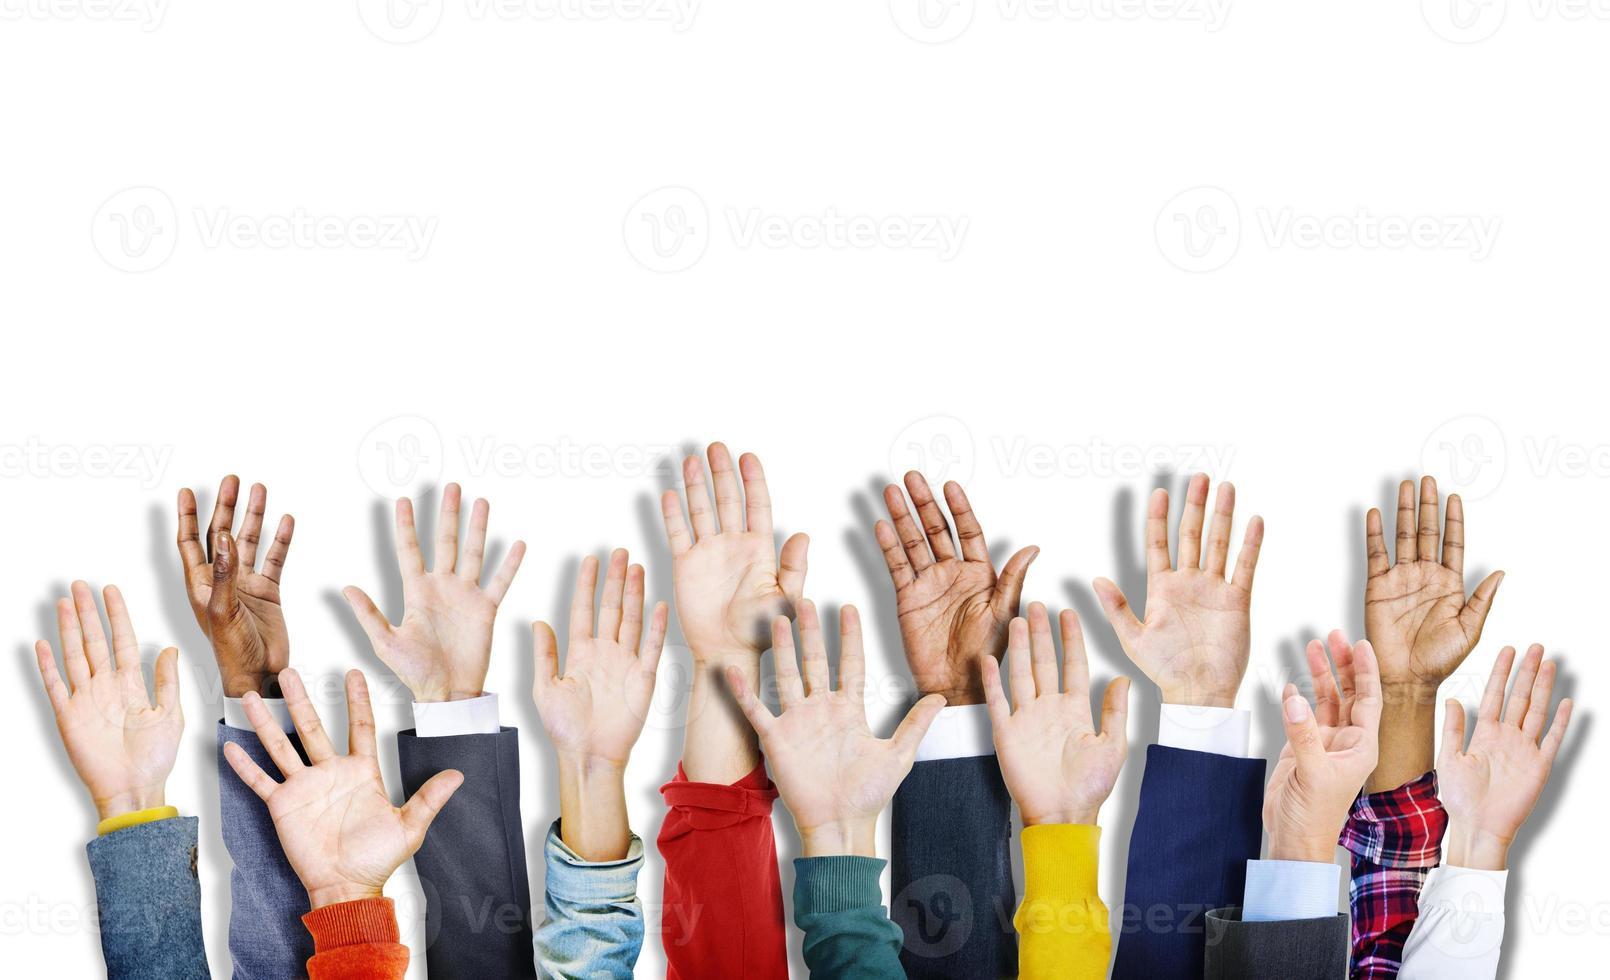 groupe, multiethnique, divers, coloré, mains, élevé photo